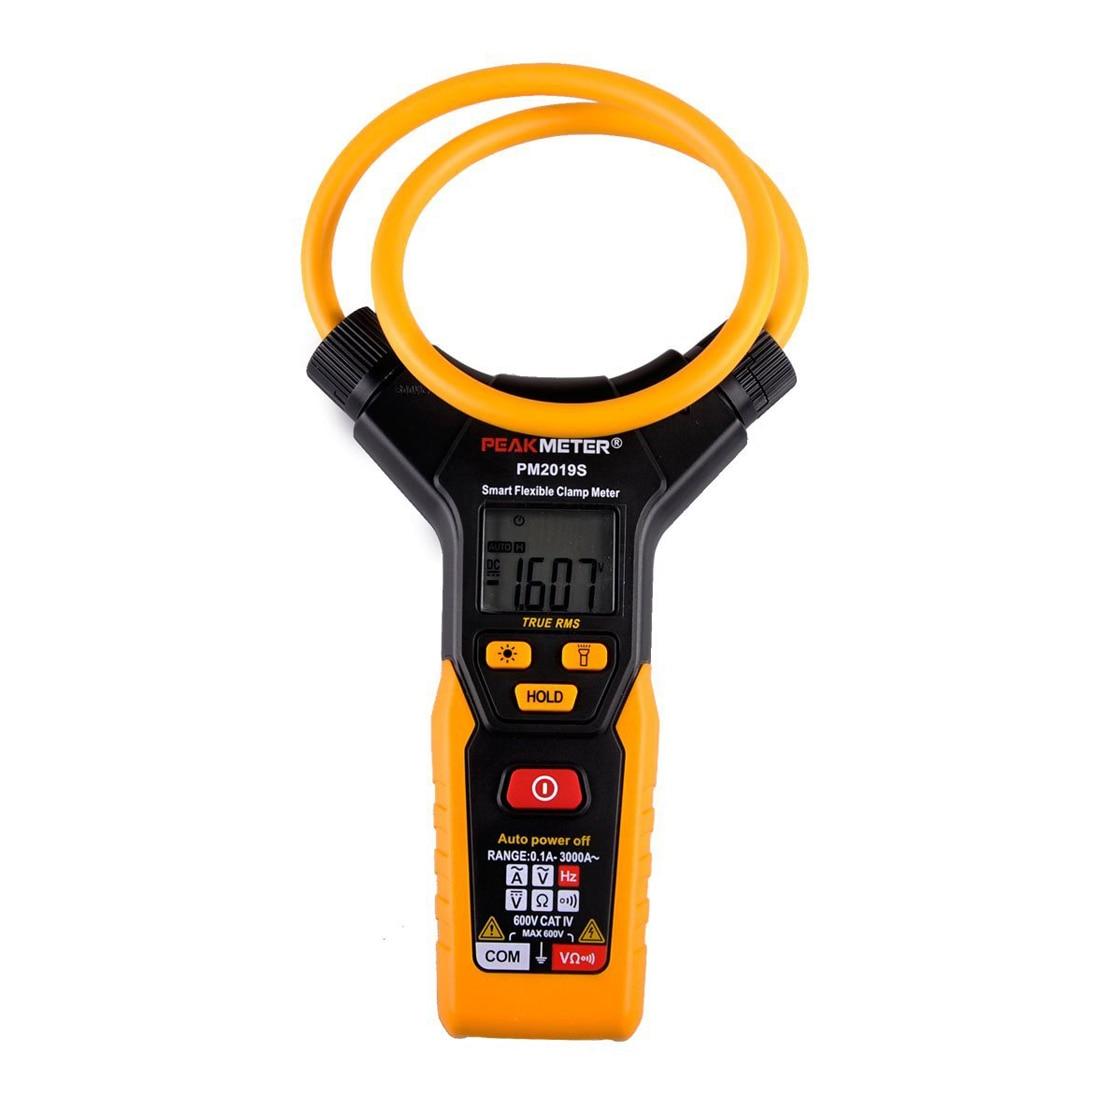 PEAKMETER PM2019S Digital Flexible Clamp Meter Smart AC DC Multimeter Voltage Tester svodka ot strelkova 19 06 2014 2019 s pometkoj srochno